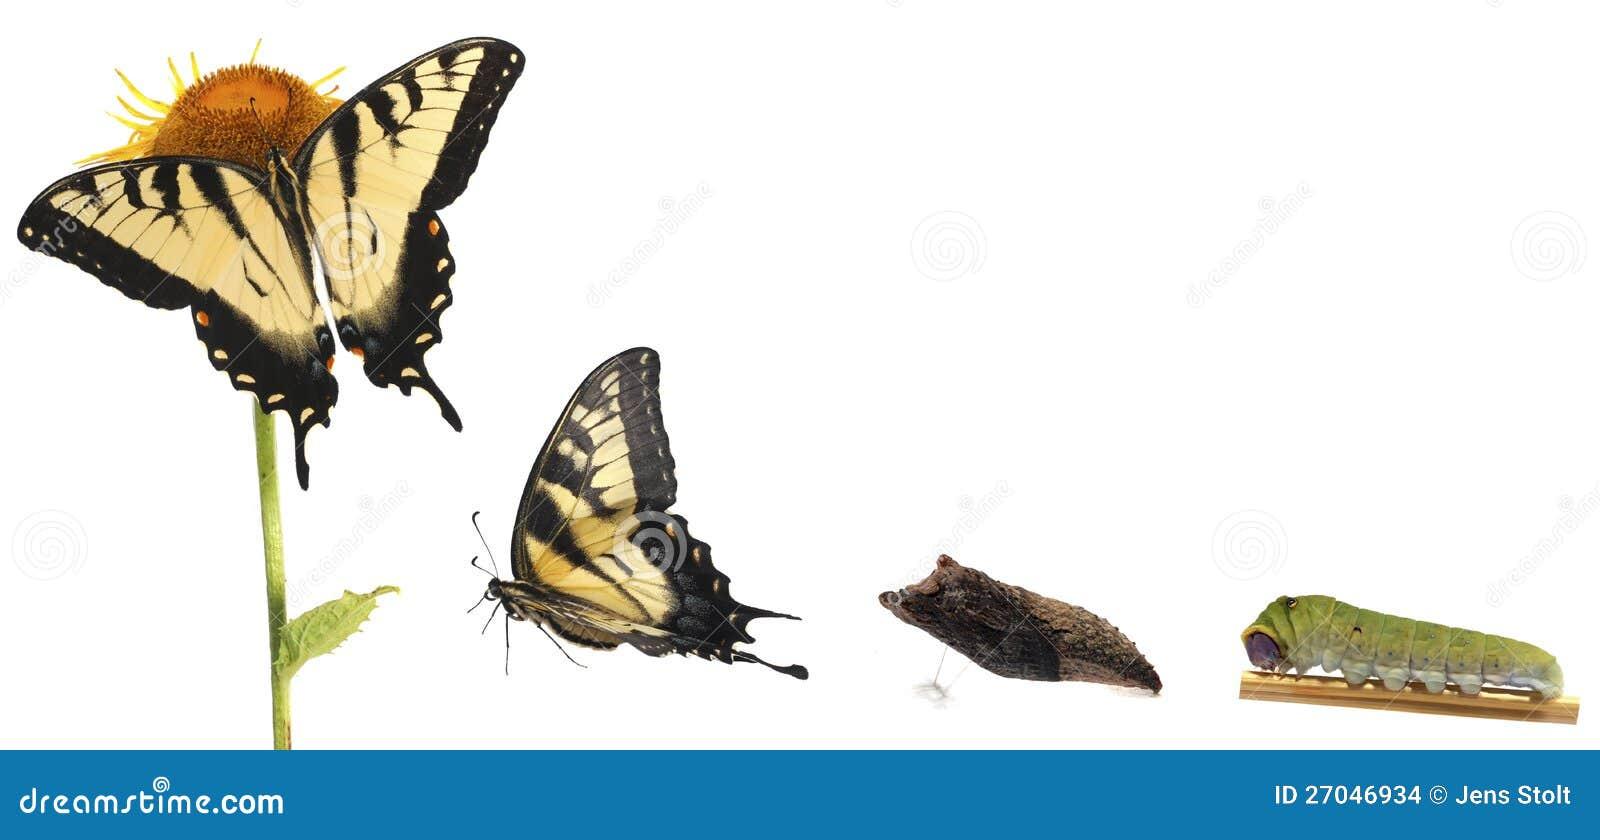 Caterpillar Stock Quote